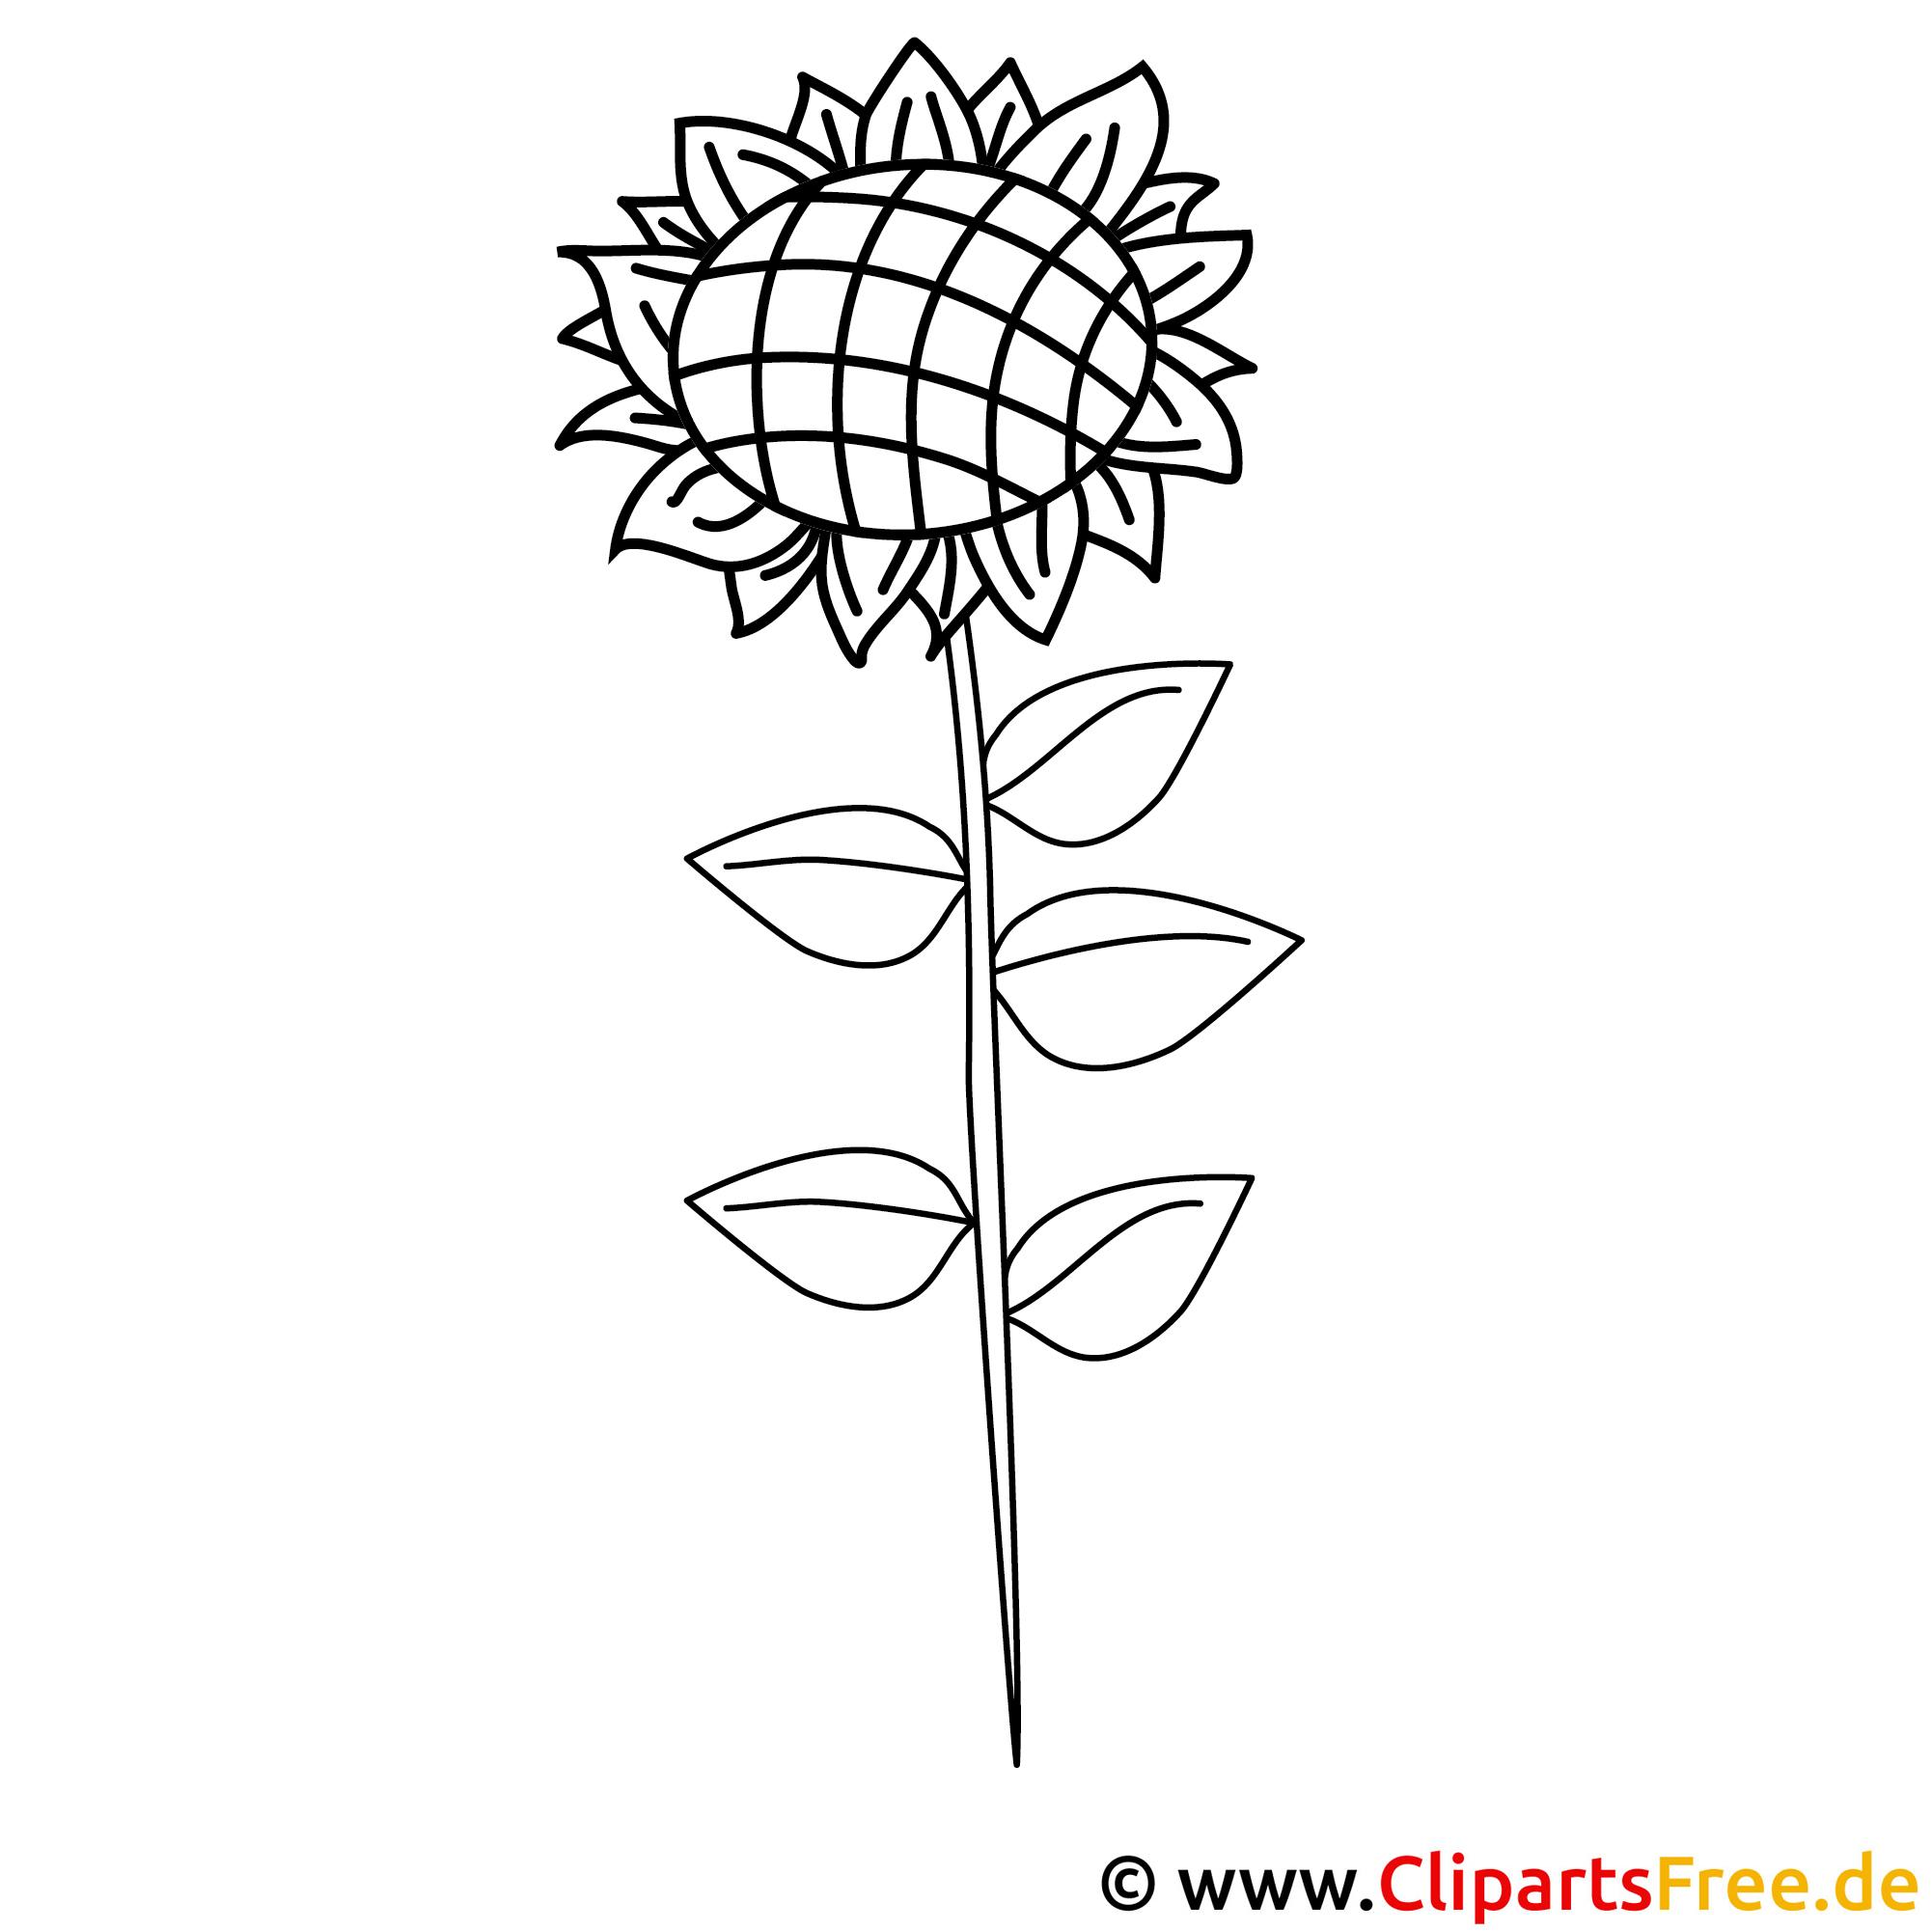 Sonnenblume Bild zum Ausmalen Malvorlage